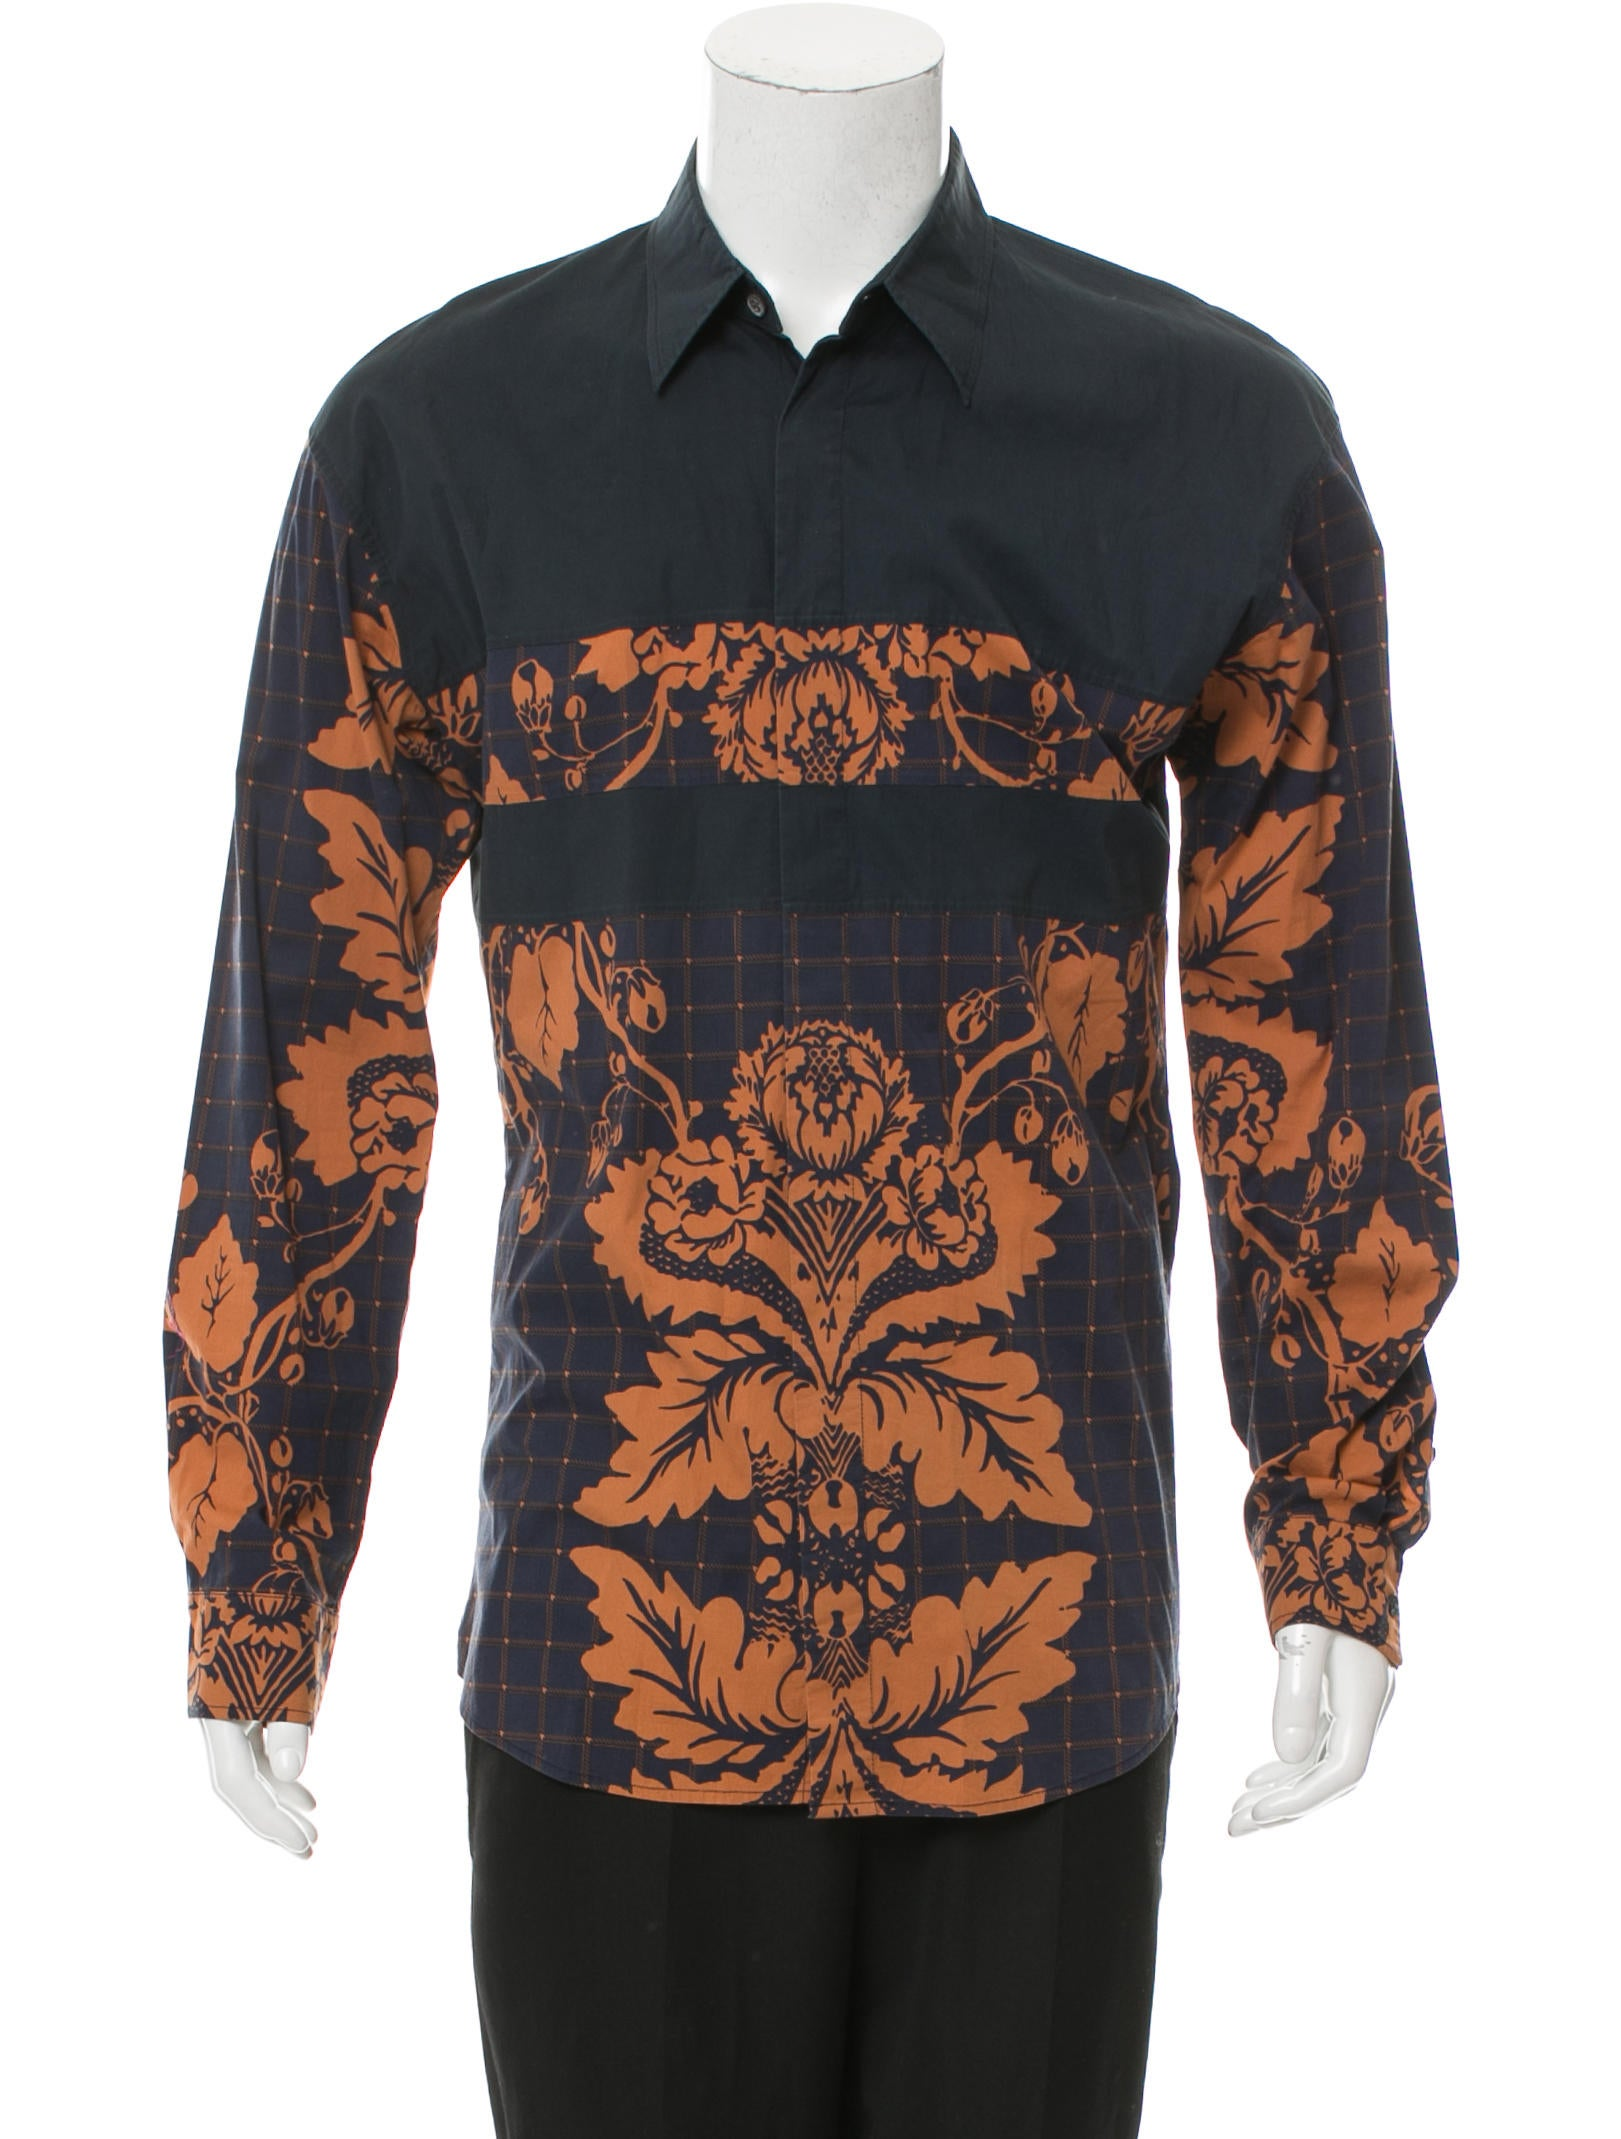 3 1 phillip lim floral print button up shirt clothing for Floral print button up shirt